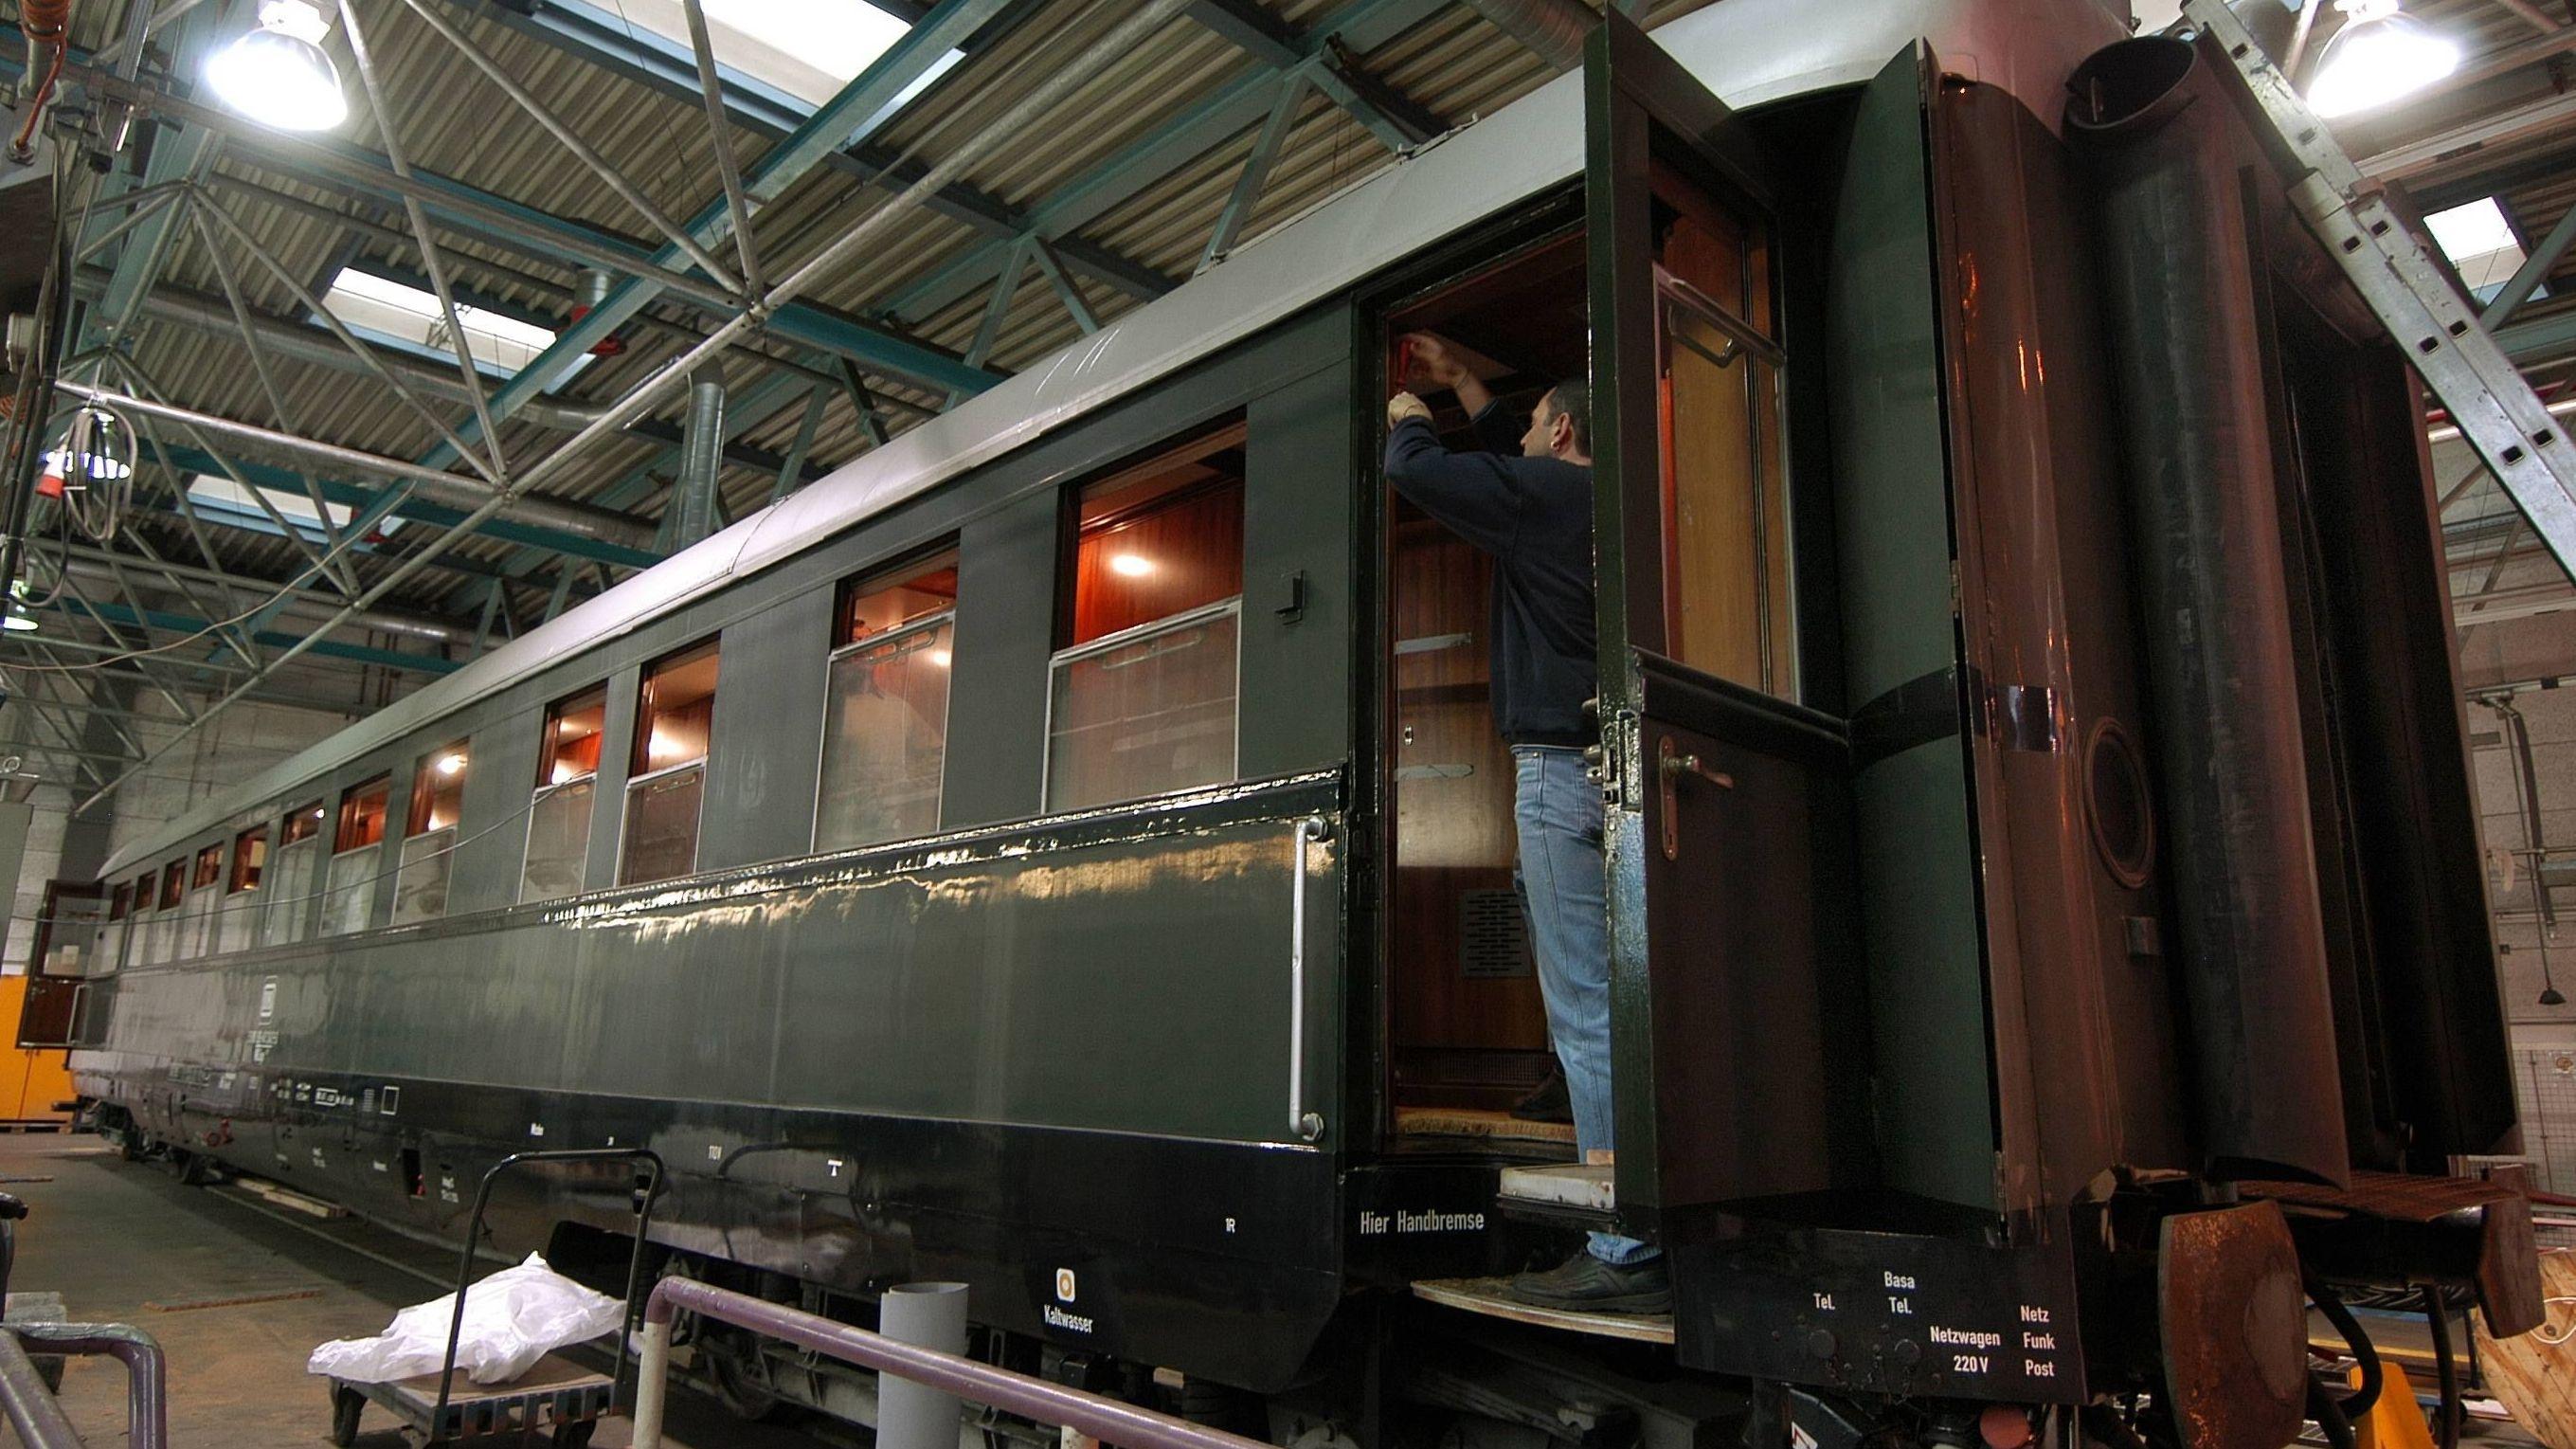 Ein Mann steht in einem alten Zugwaggon und restauriert ihn.